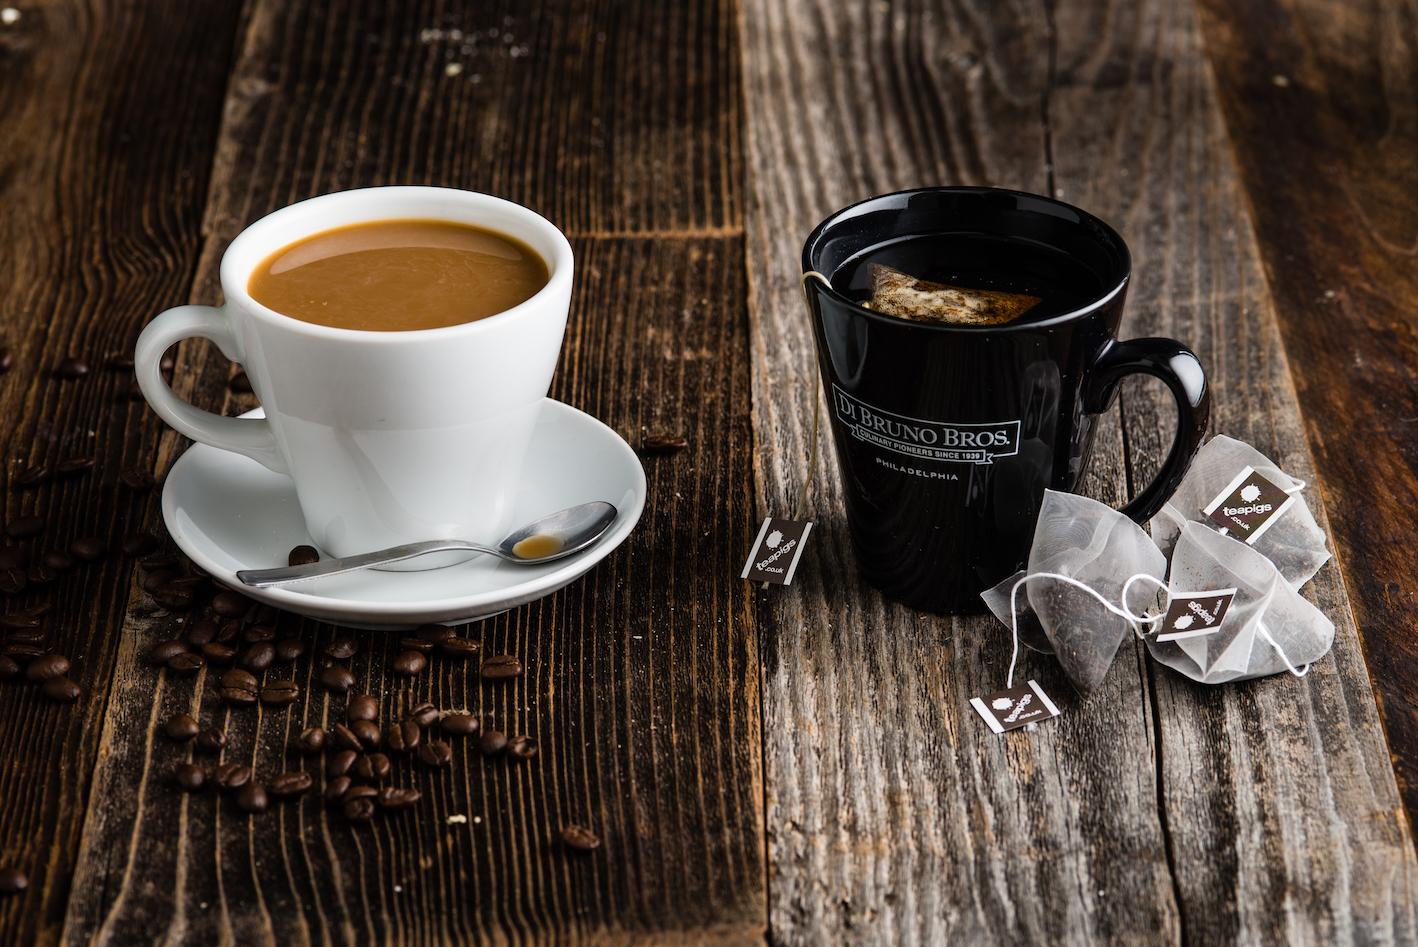 ۵ مزیت تغییر عادت نوشیدن قهوه به نوشیدن چای